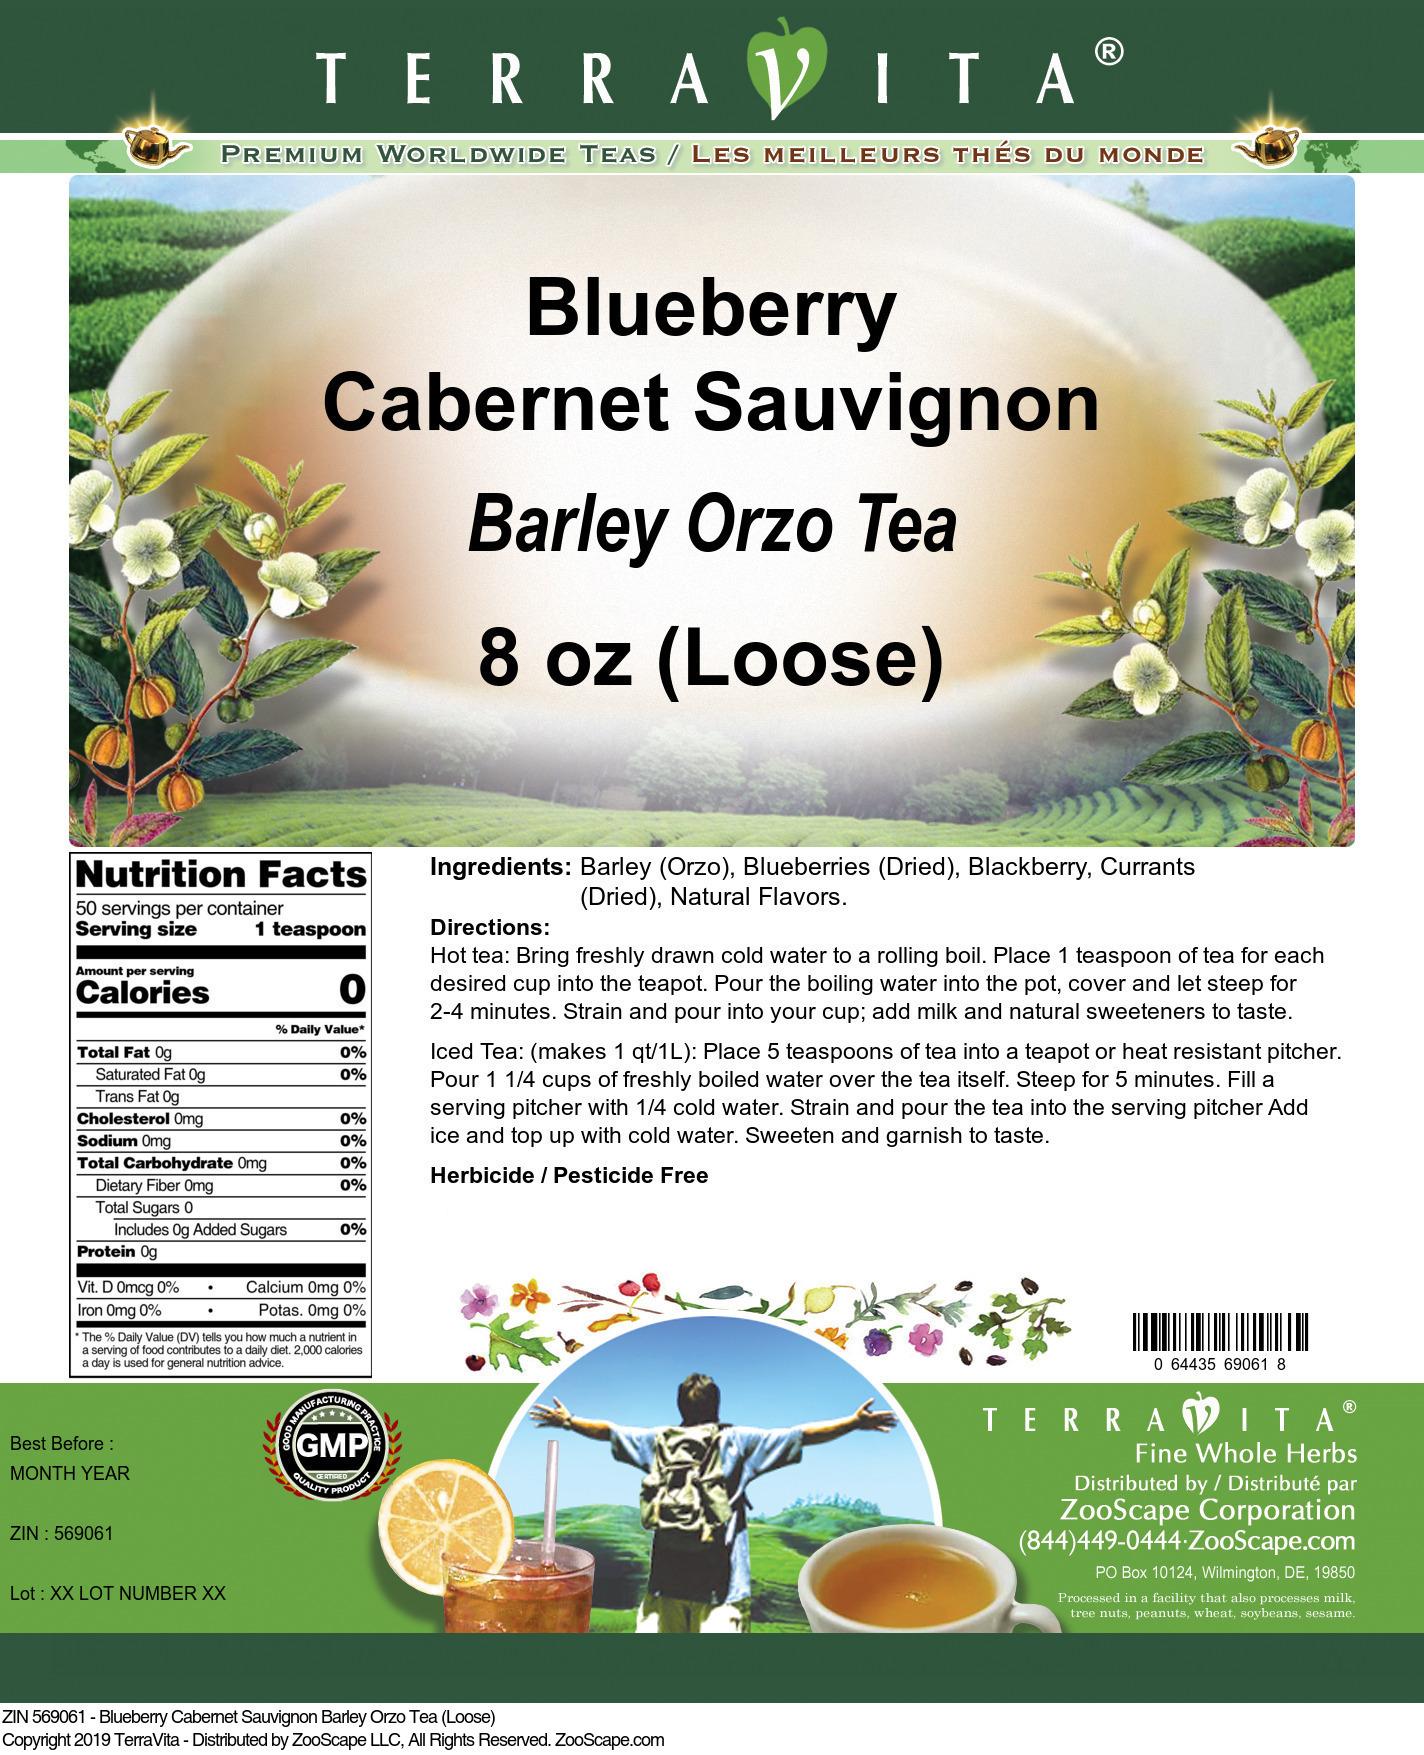 Blueberry Cabernet Sauvignon Barley Orzo